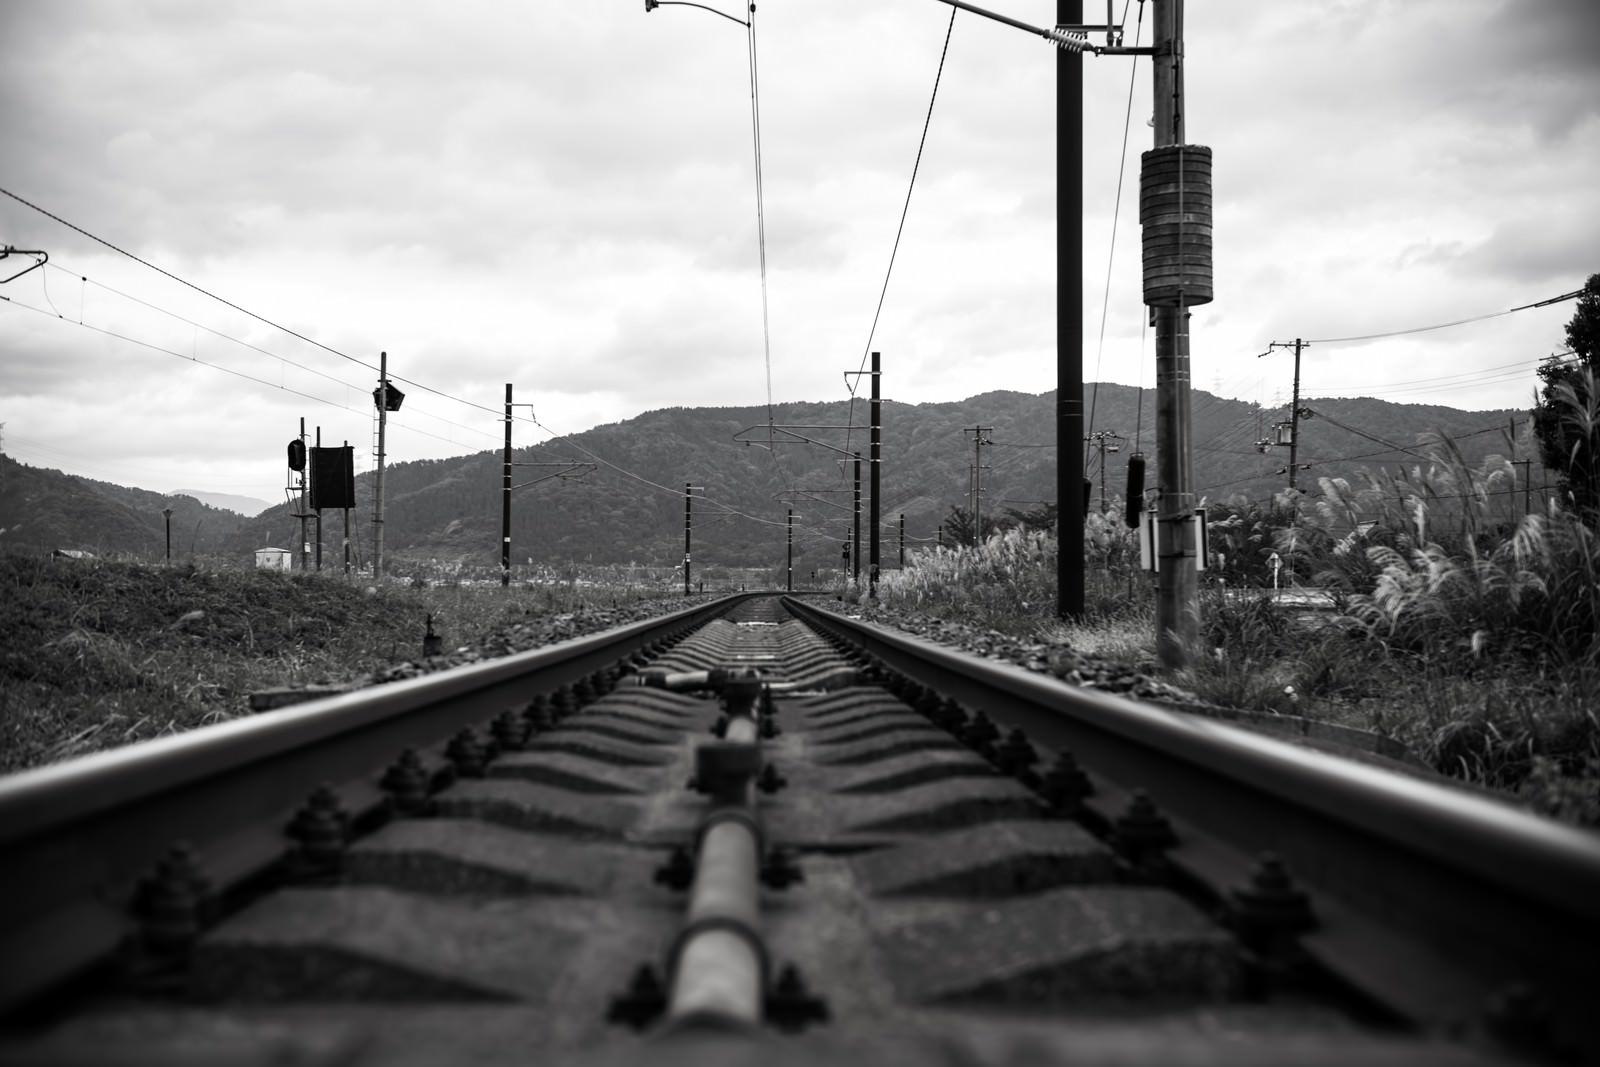 「灰色の線路」の写真